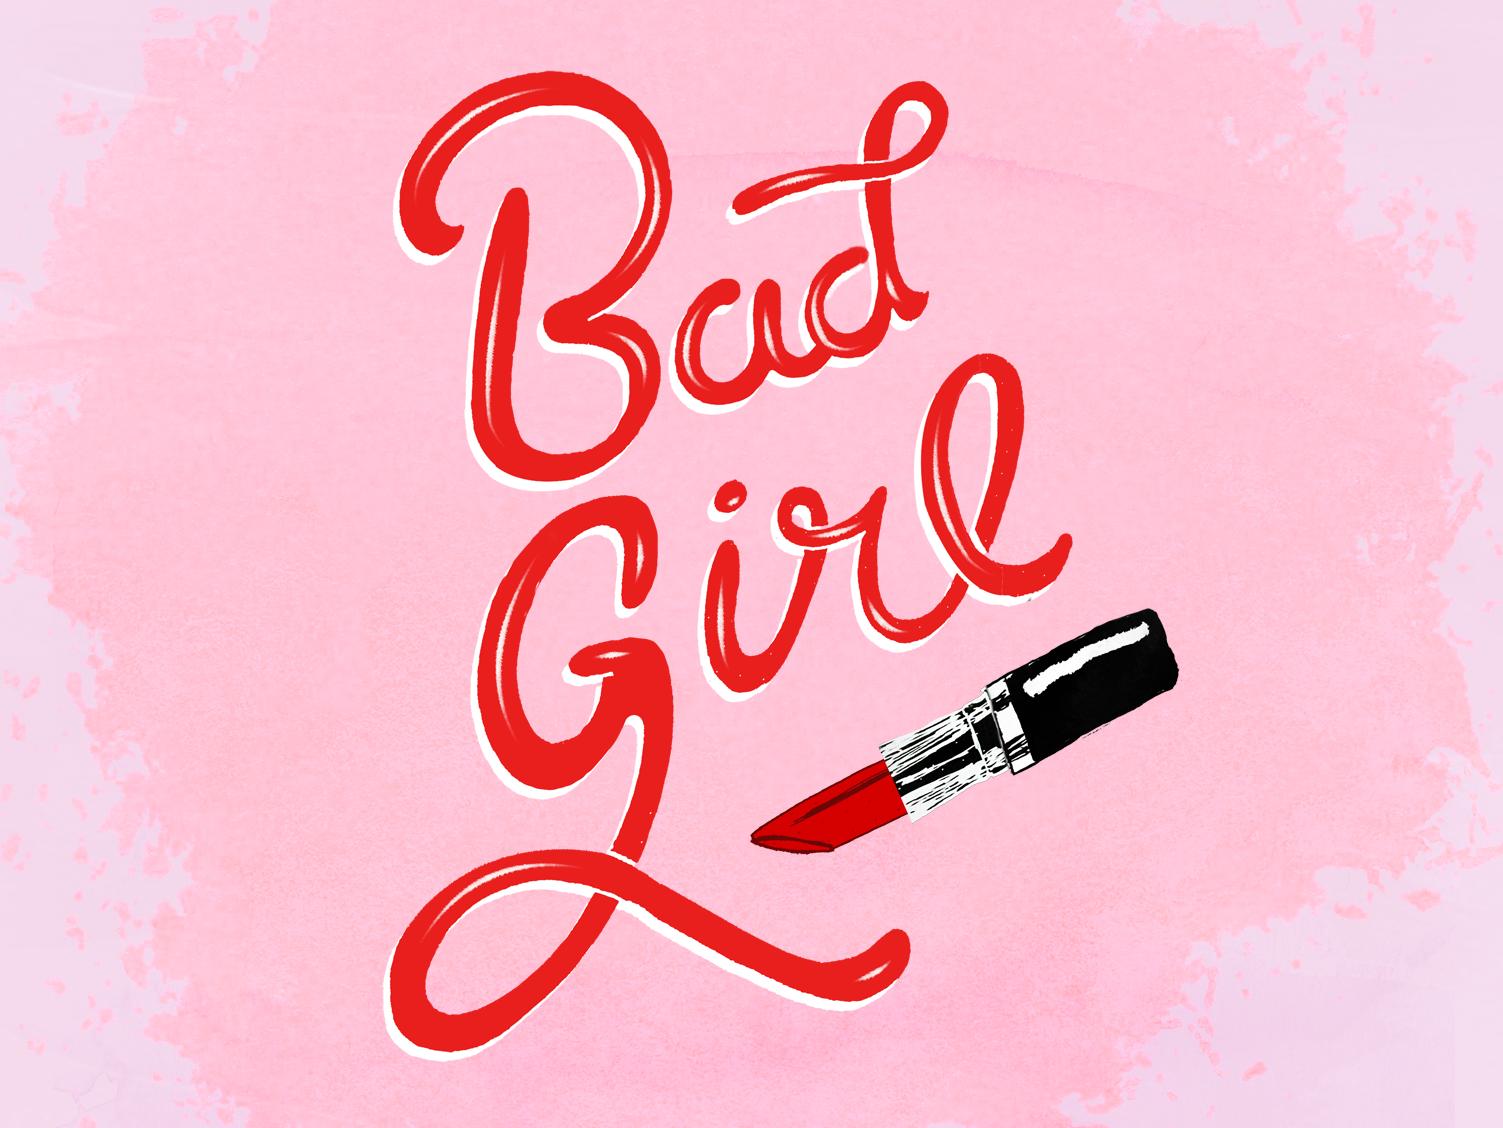 Lettering - Bad girl music lettering design